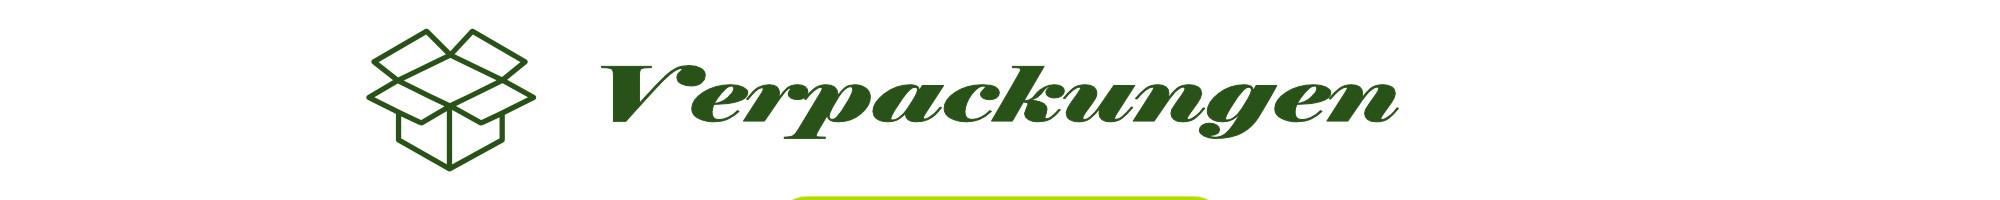 Ningal.de - Nachhaltige und sichere Verpackungen